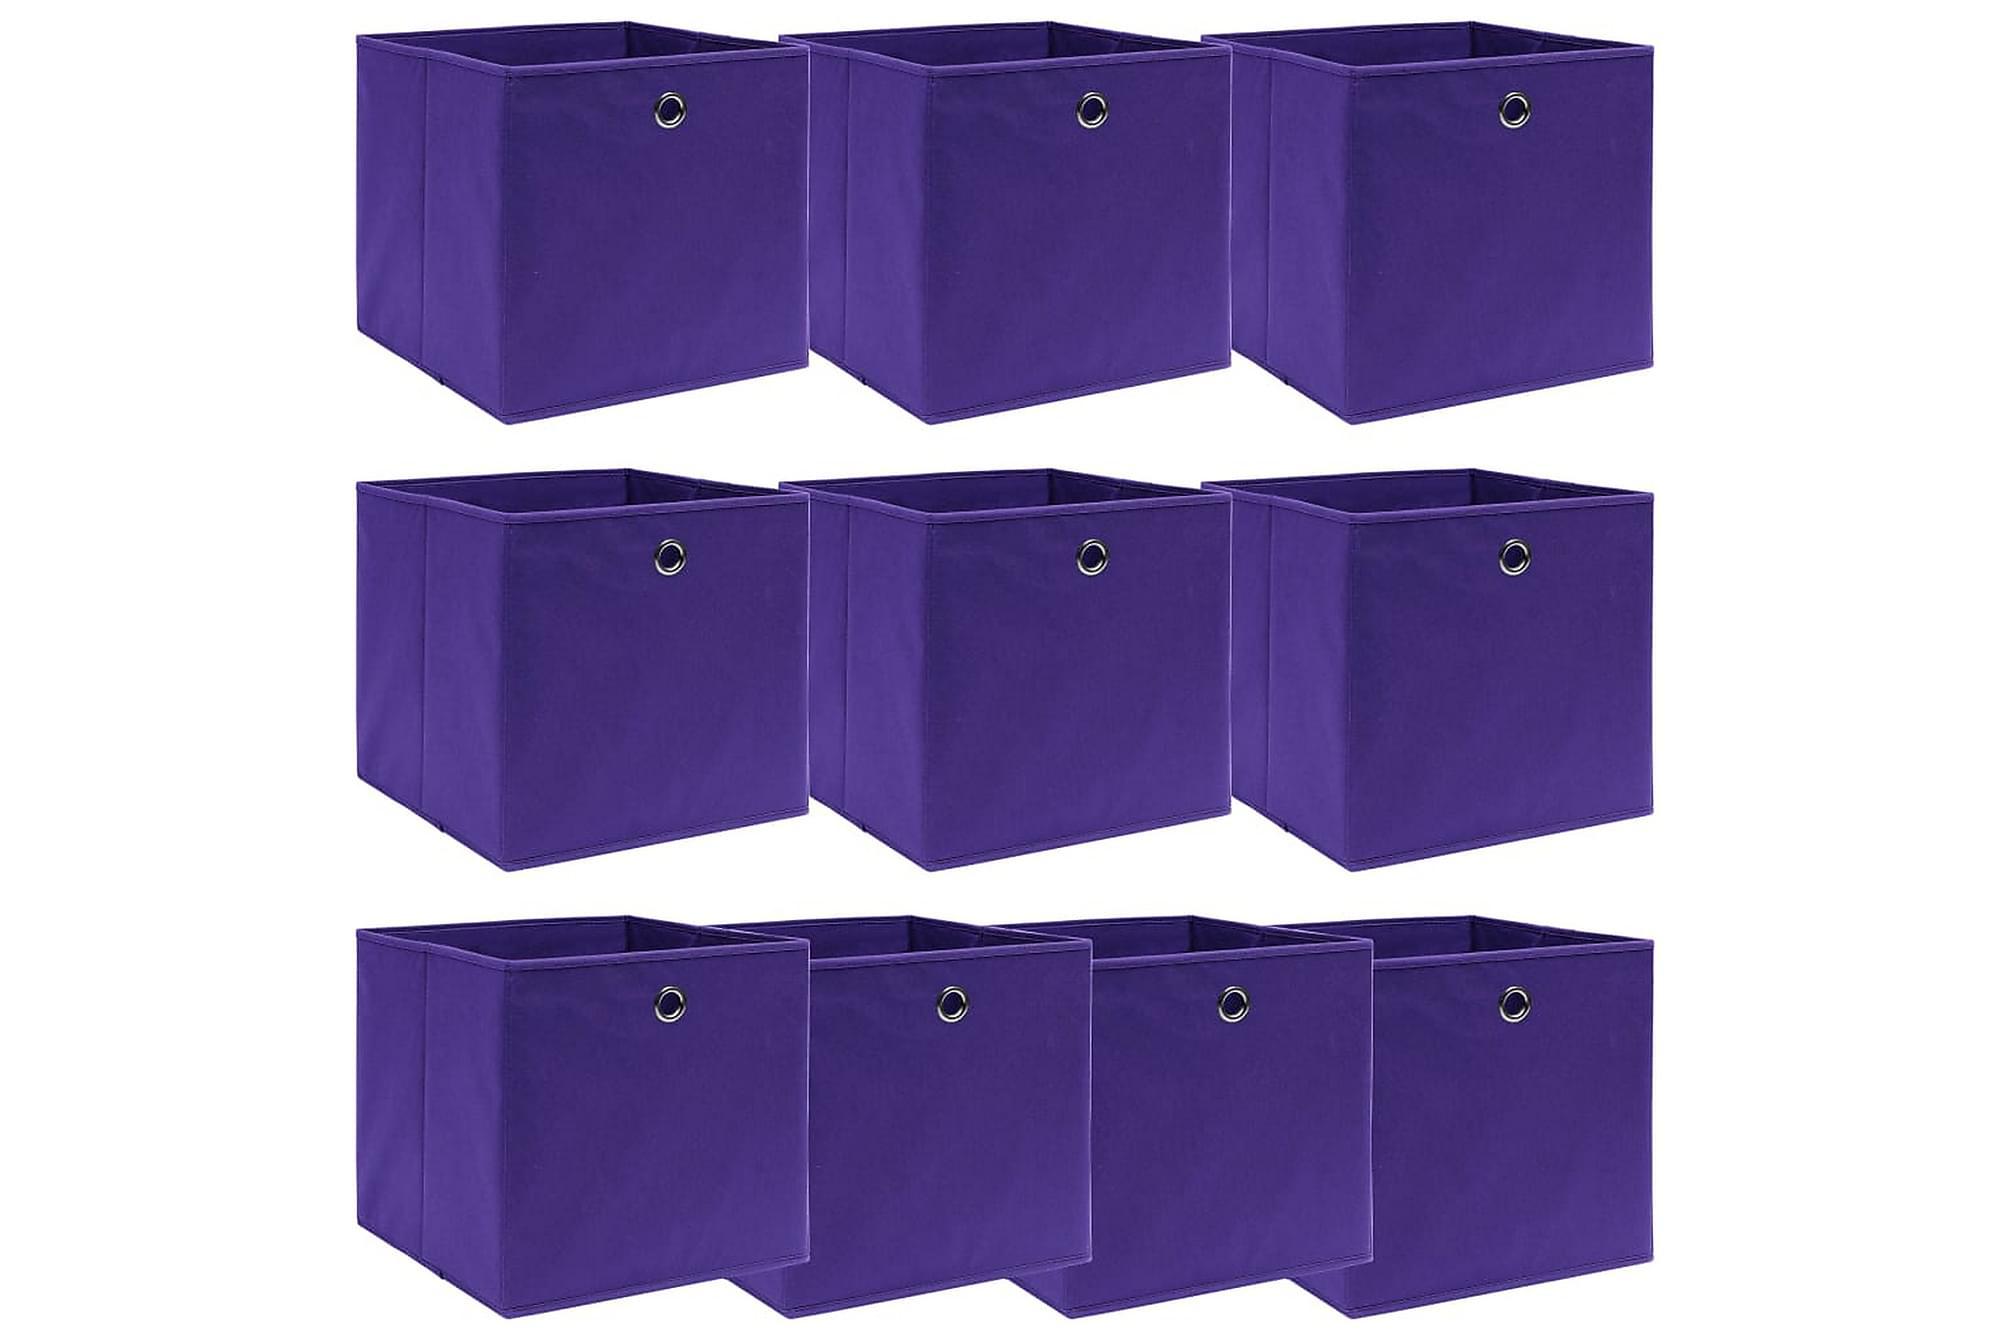 Förvaringslådor 10 st lila 32x32x32 cm tyg, Förvaringslådor & korgar